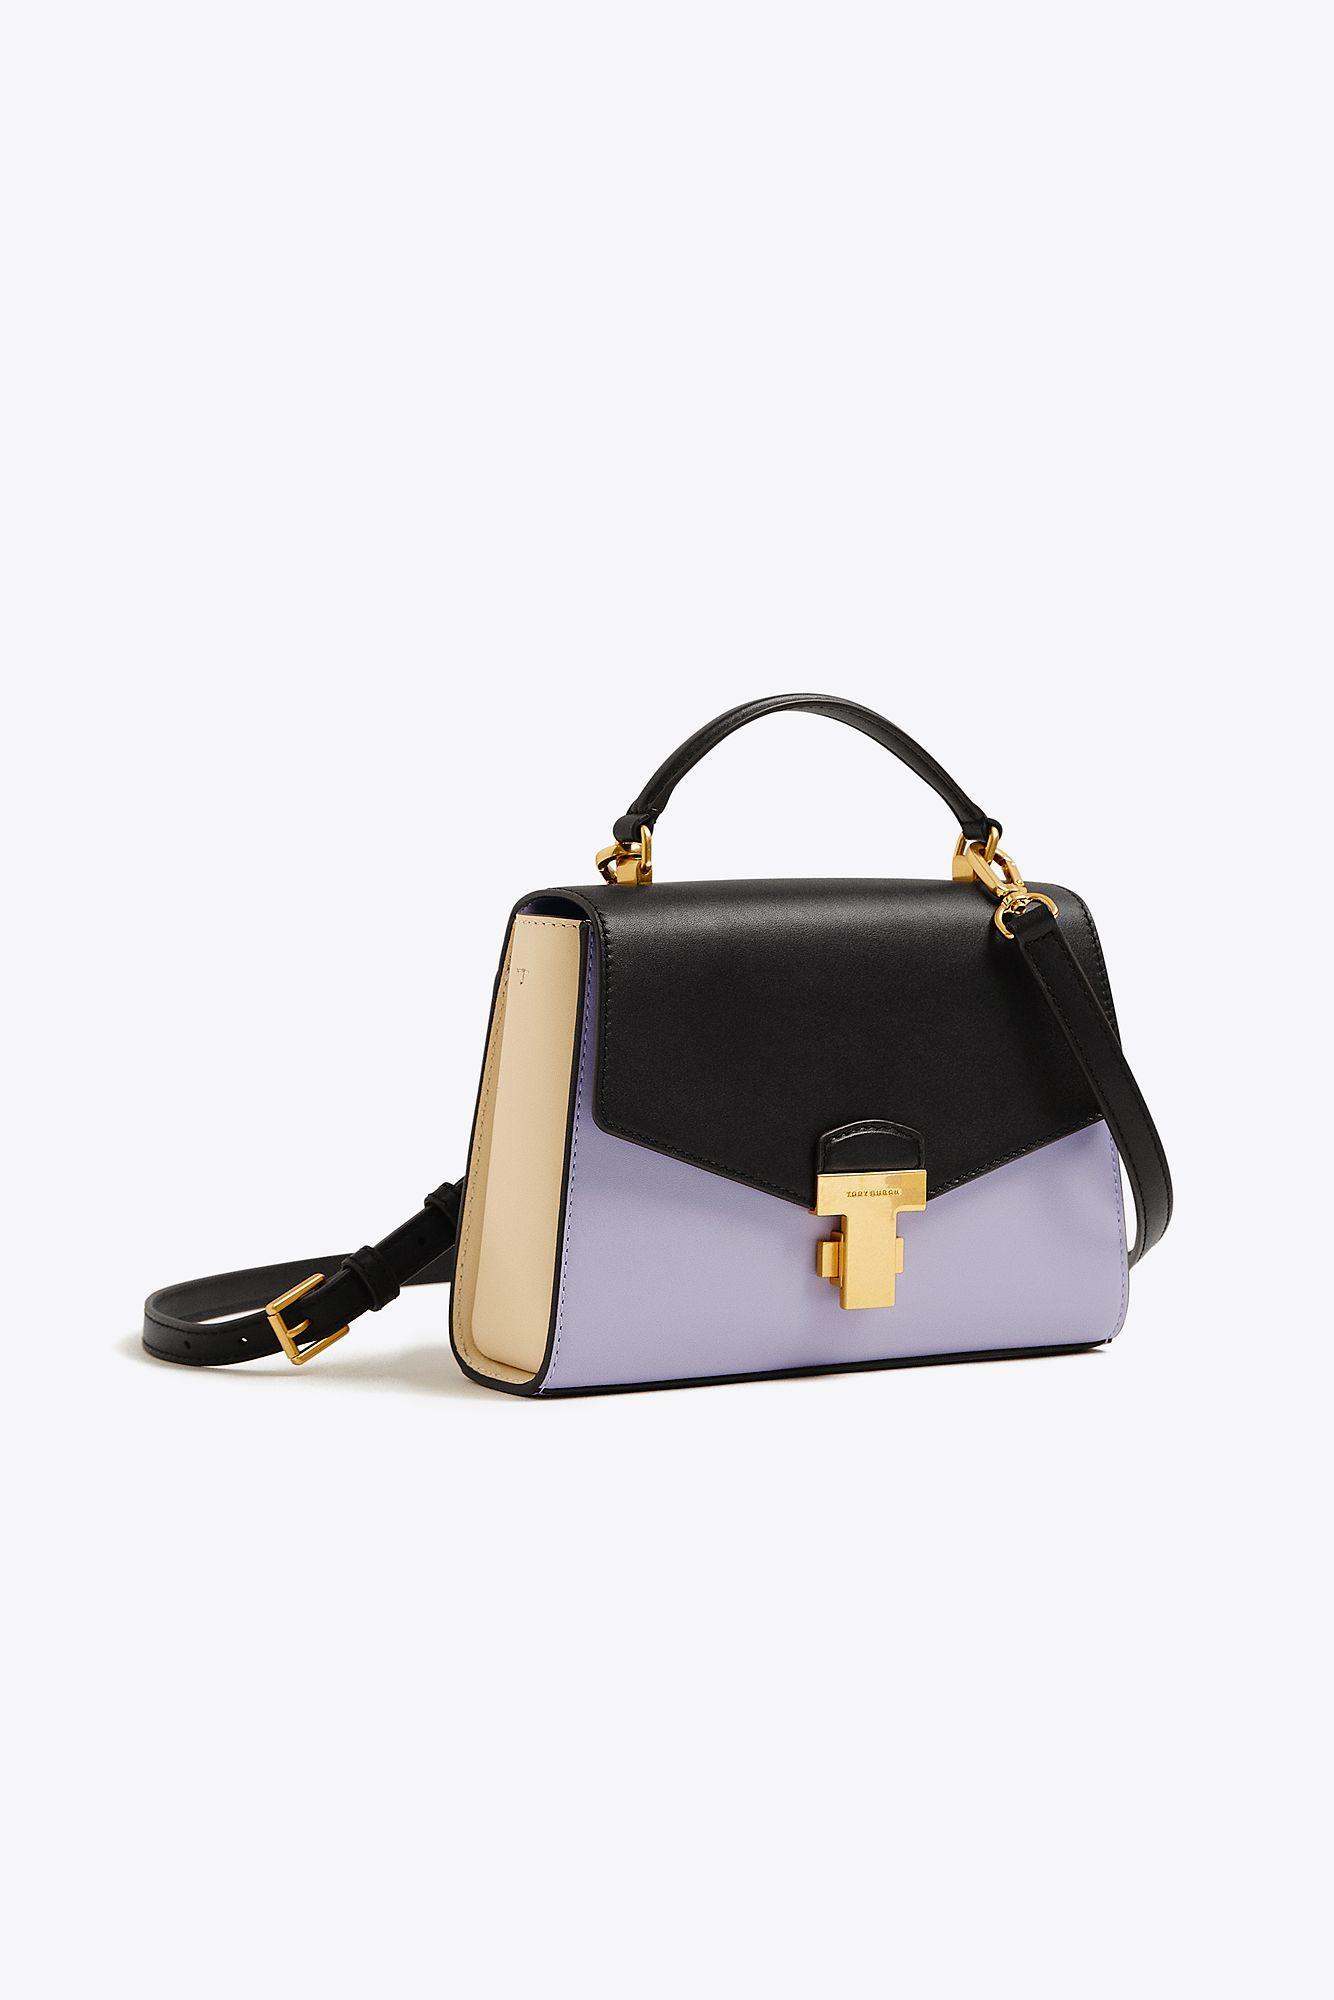 29f46155eecb Tory Burch. Women s Black Juliette Color-block Small Top-handle Satchel ...